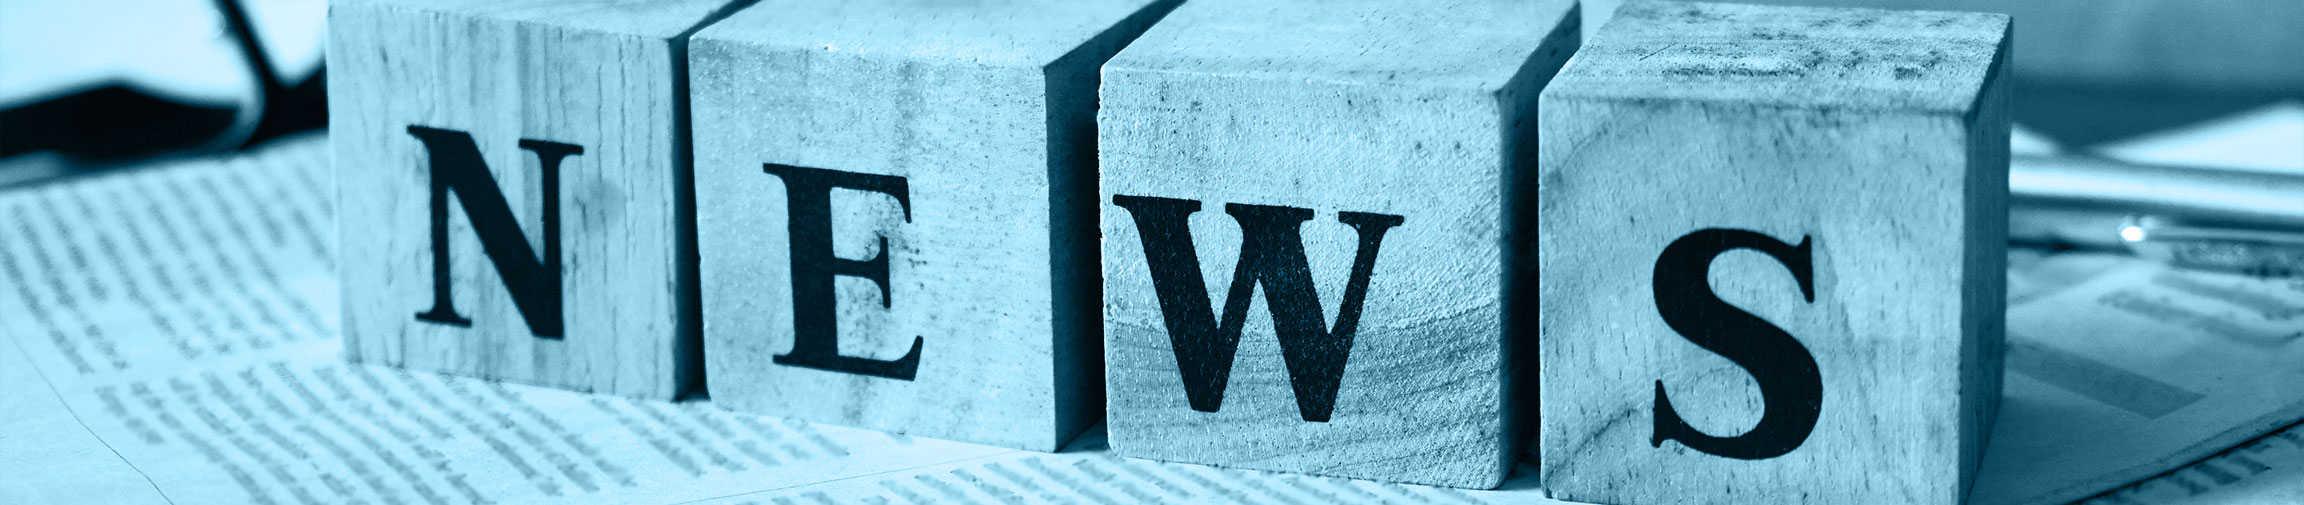 News als Schriftzug auf vier Holzblöcken